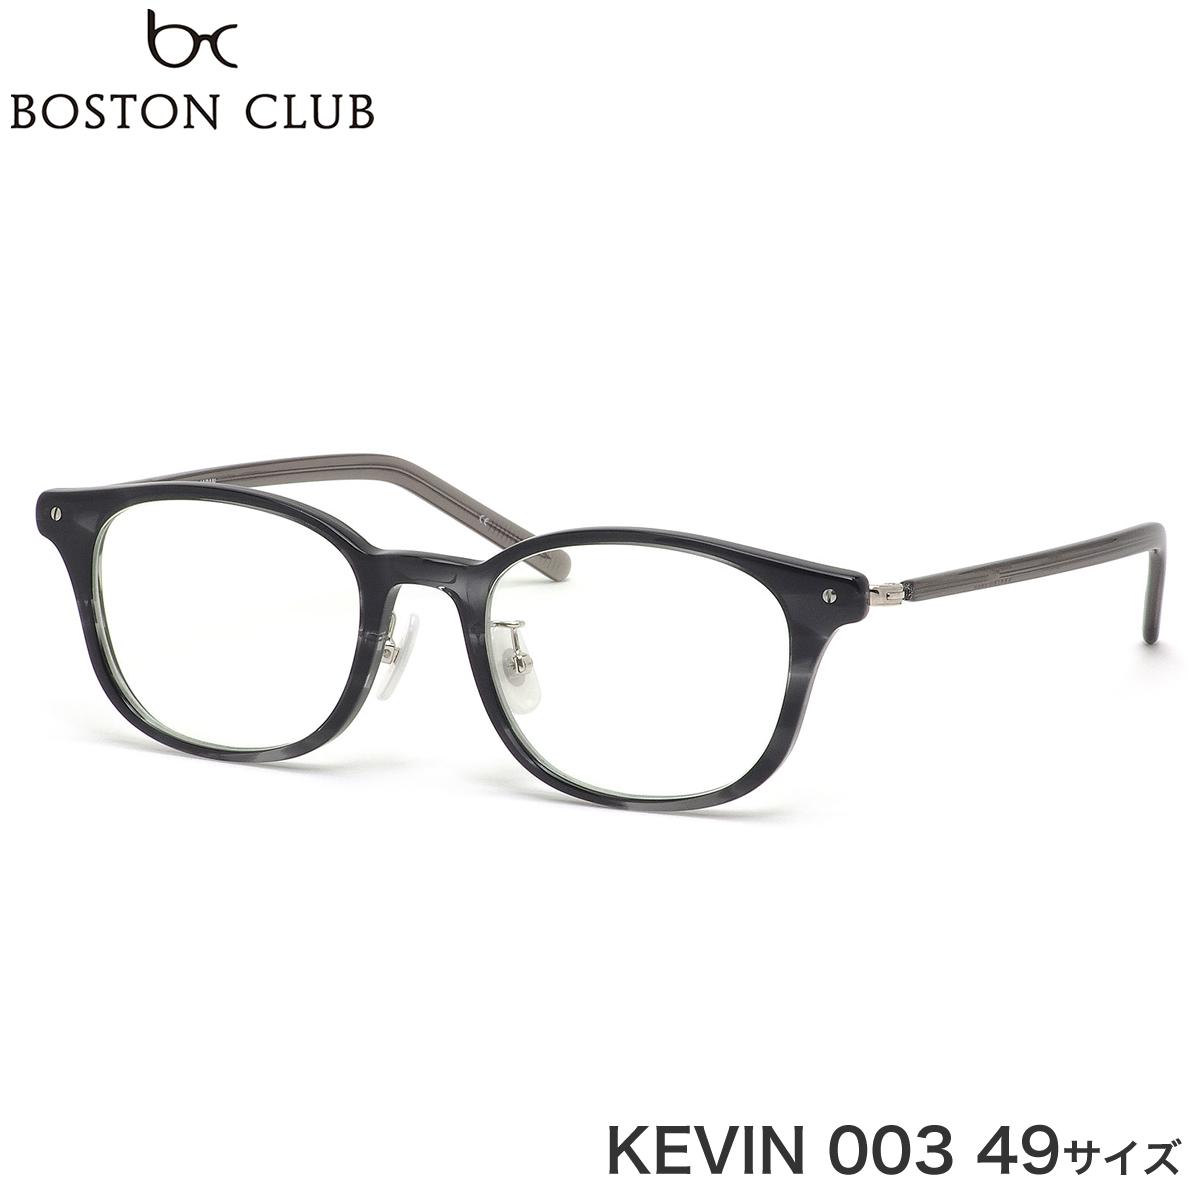 ボストンクラブ BOSTON CLUB メガネ 伊達メガネセット KEVIN 003 49サイズ ボストンクラブBOSTONCLUB 伊達メガネレンズ無料 メンズ レディース